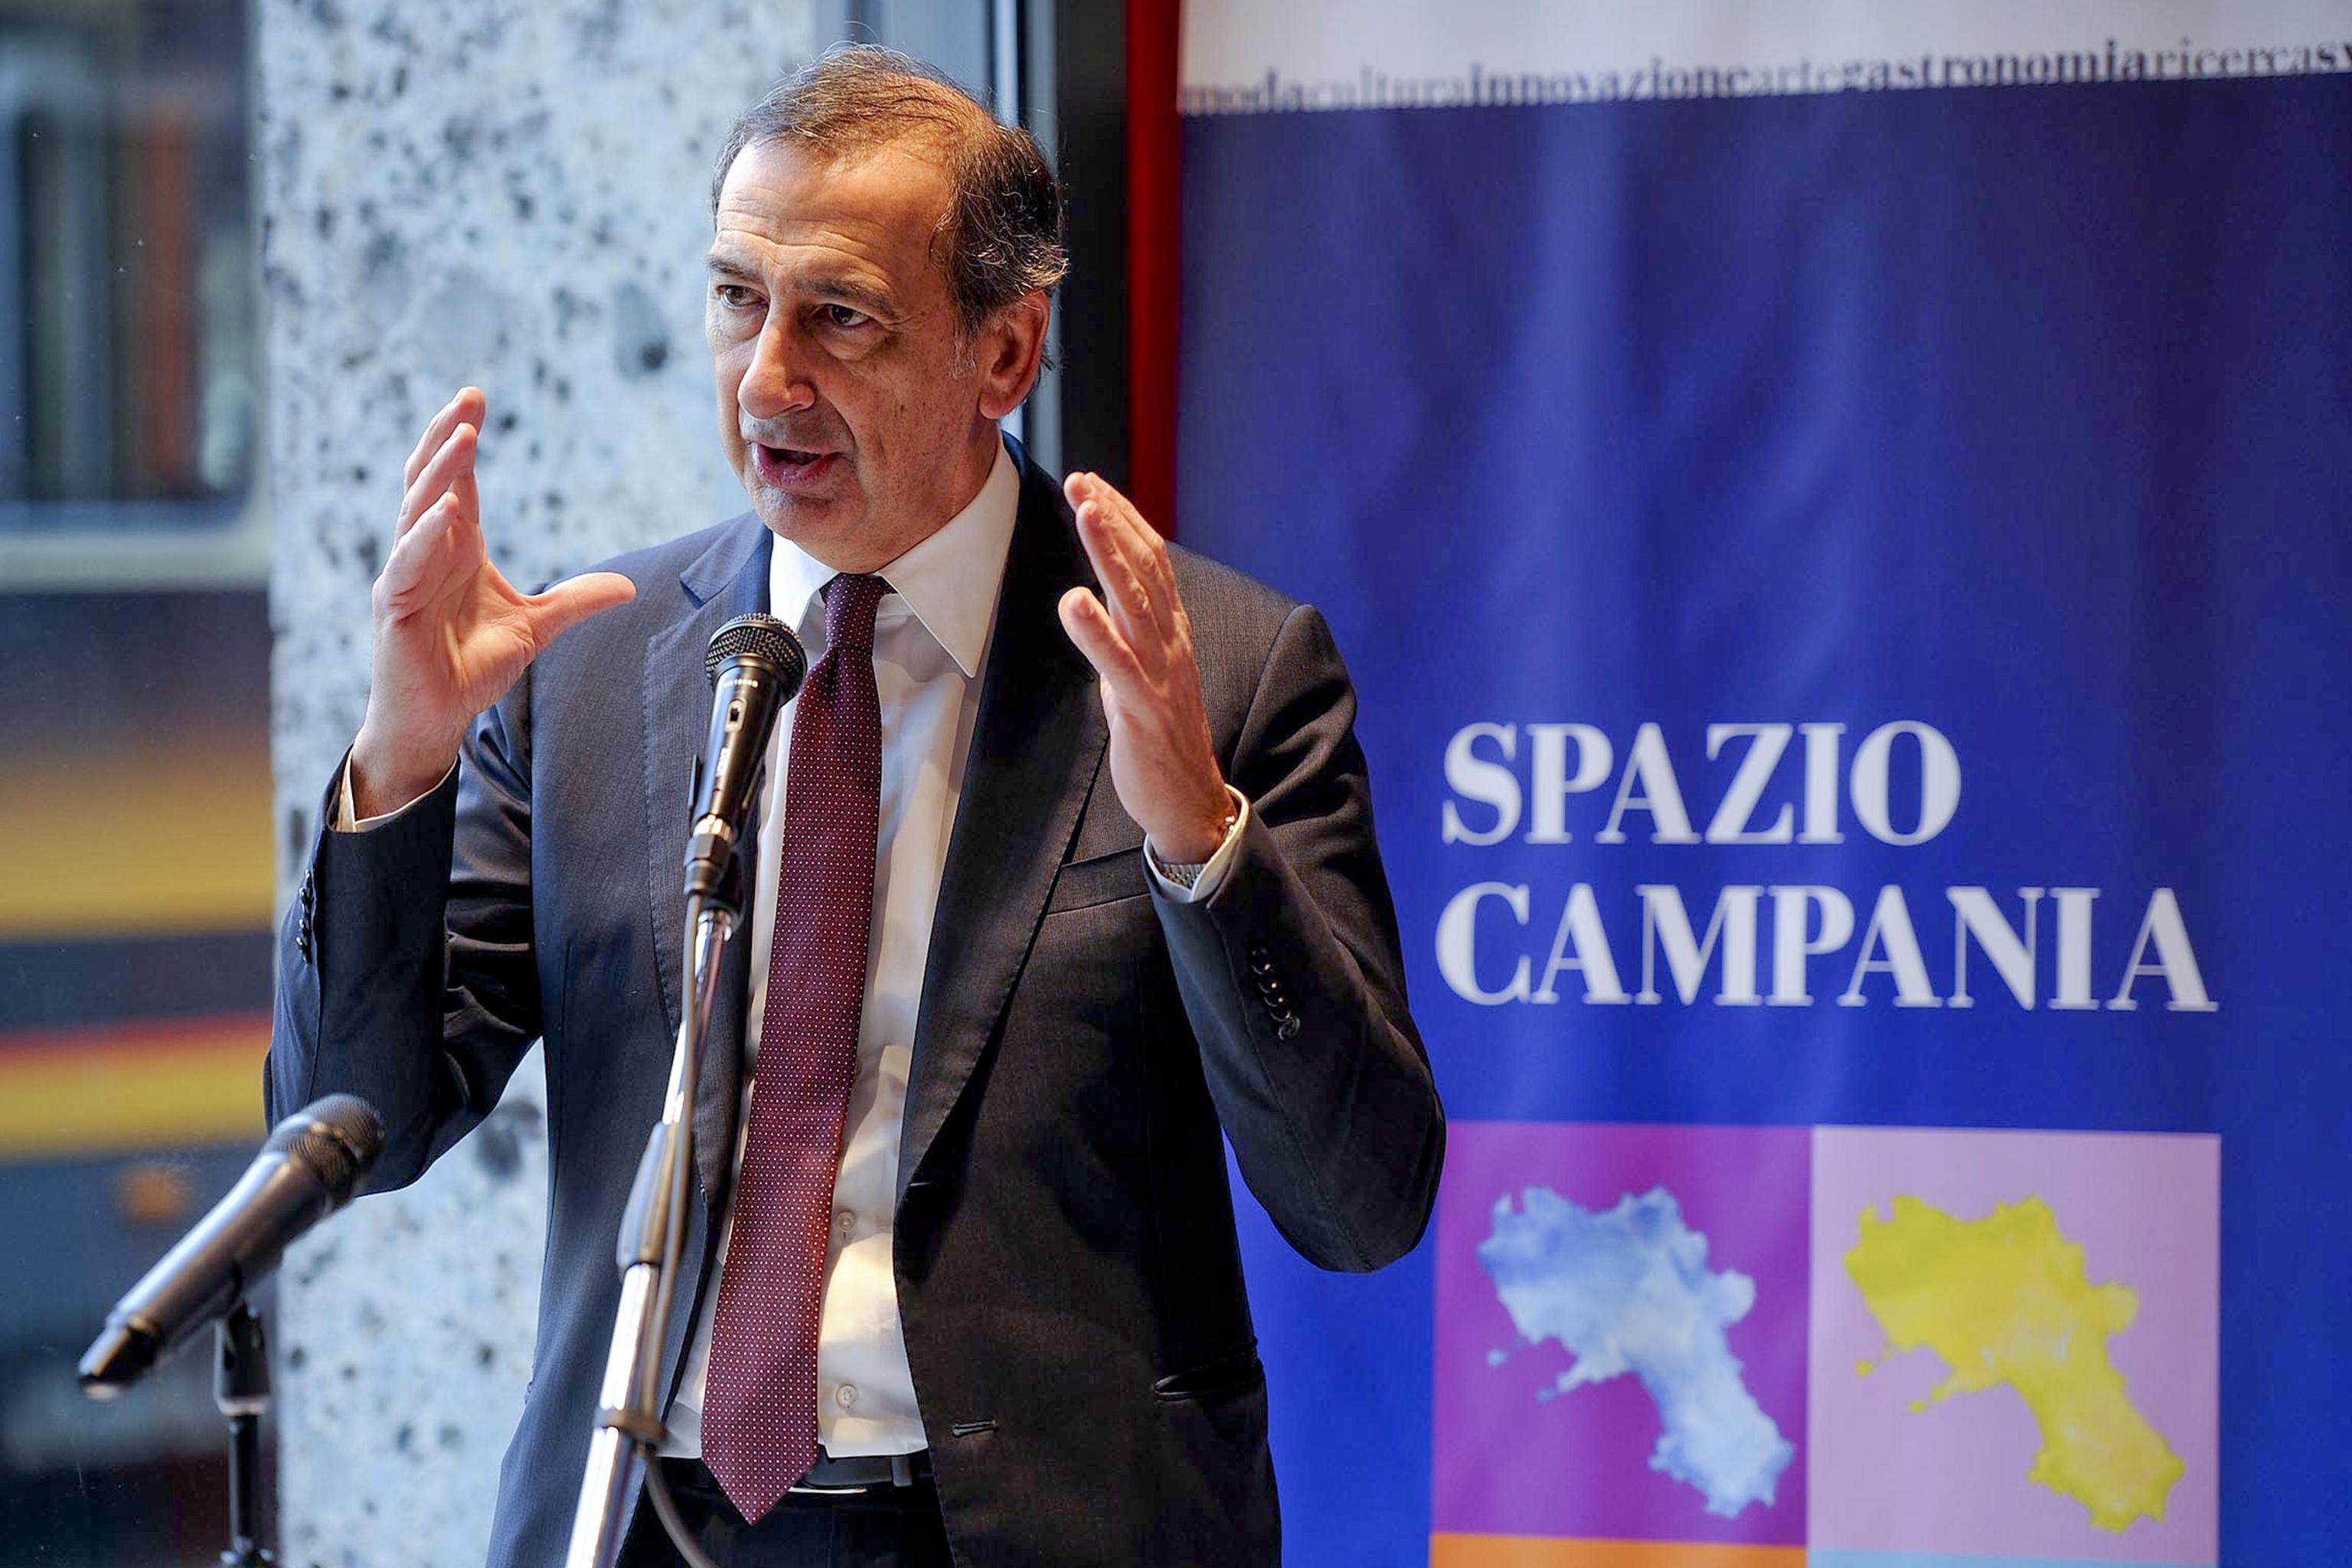 A Milano apre Spazio Campania, vetrina di eccellenze